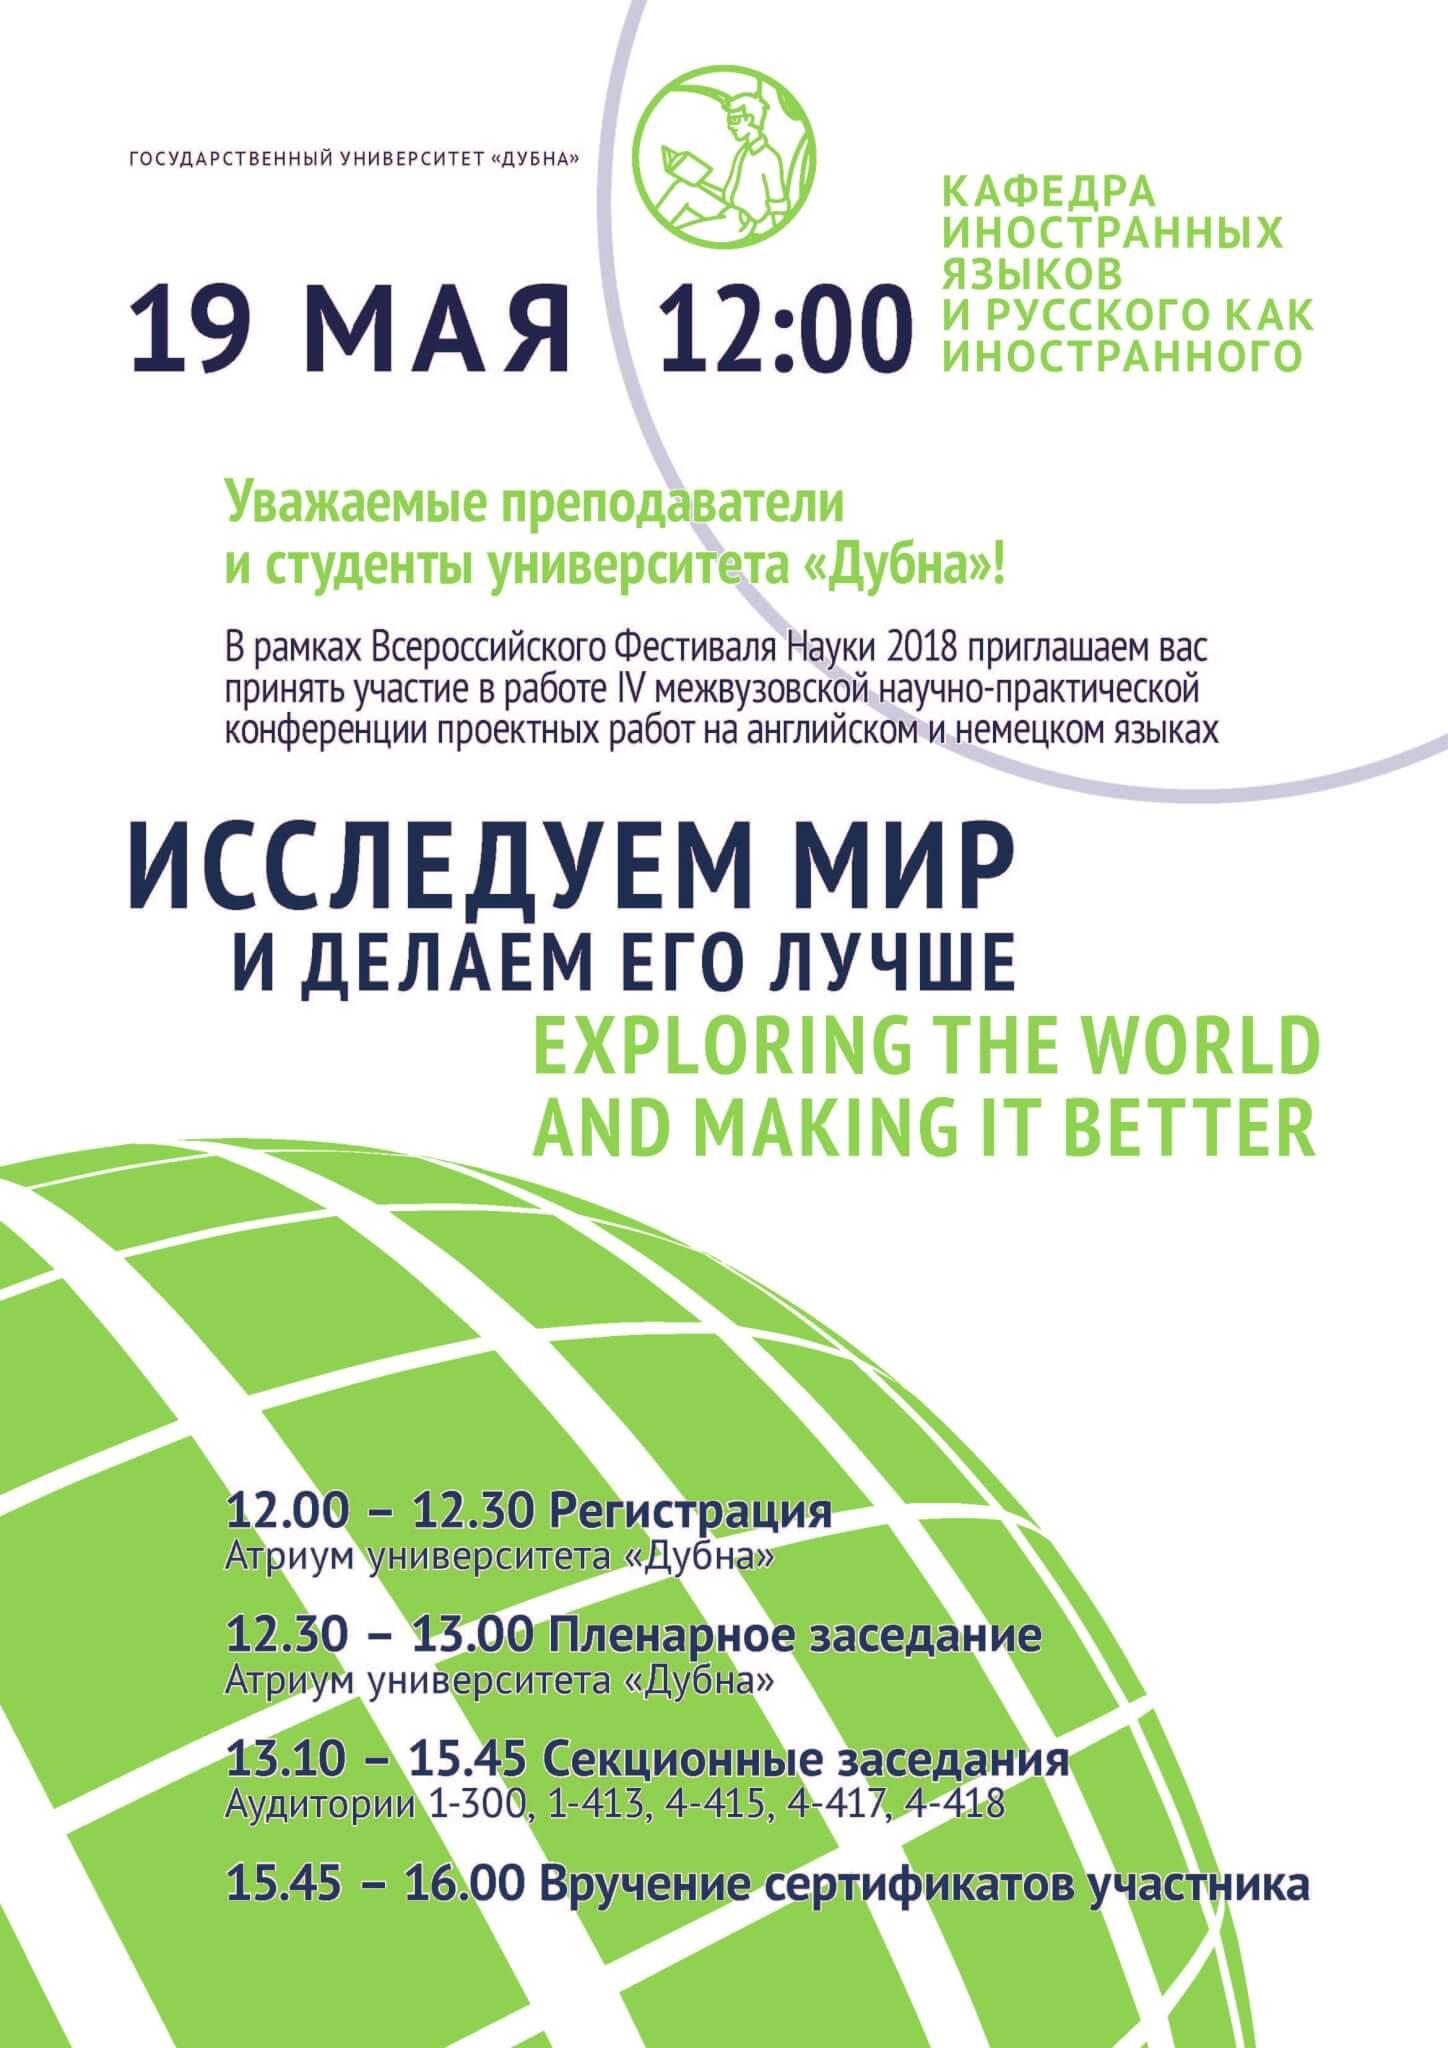 """19 мая 2018 состоится IV межвузовская студенческая конференция """"Исследуем мир и делаем его лучше"""""""